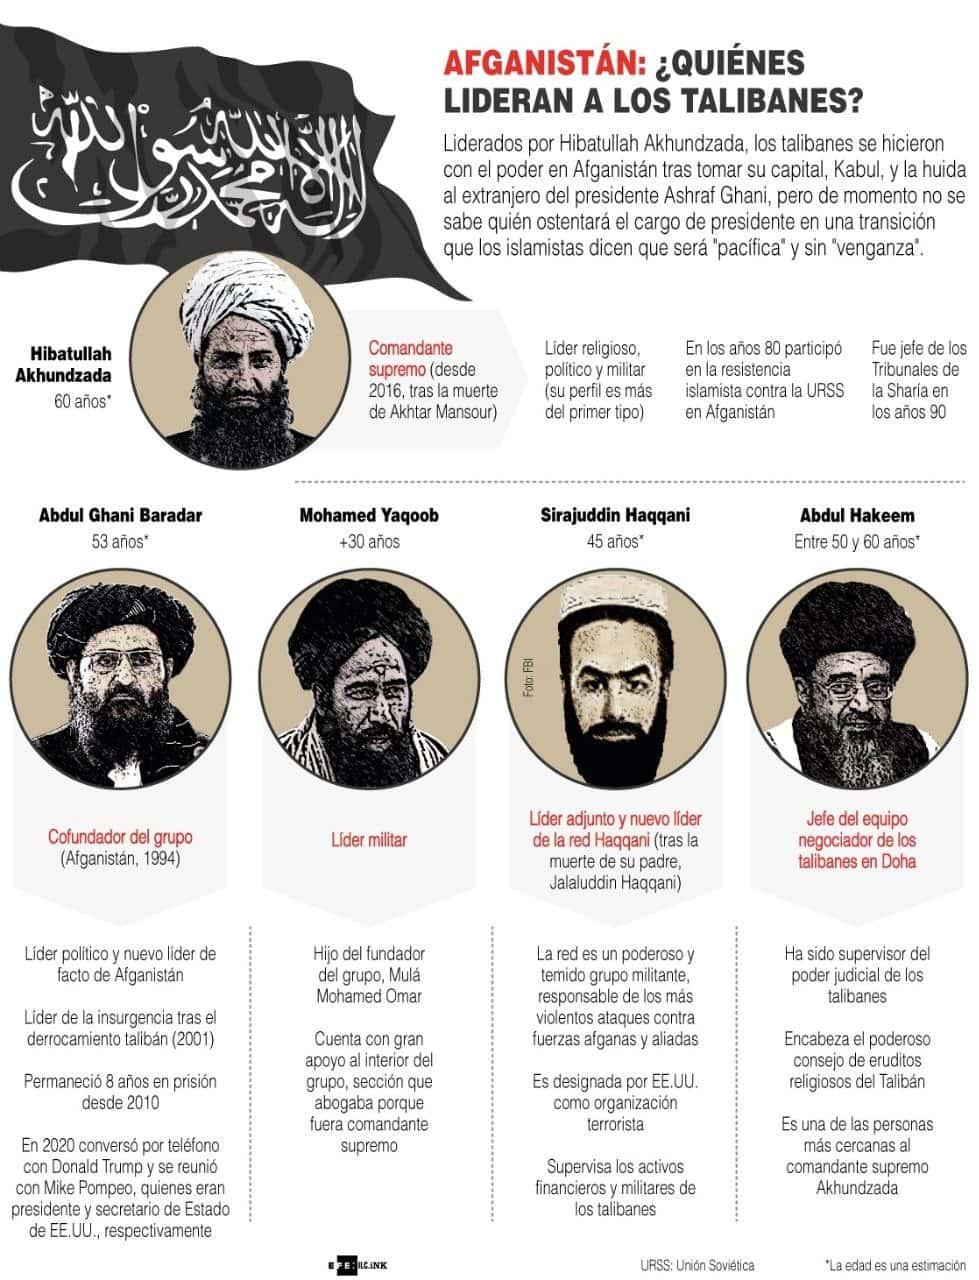 [Infografía] ¿Quiénes lideran a los talibanes? 1